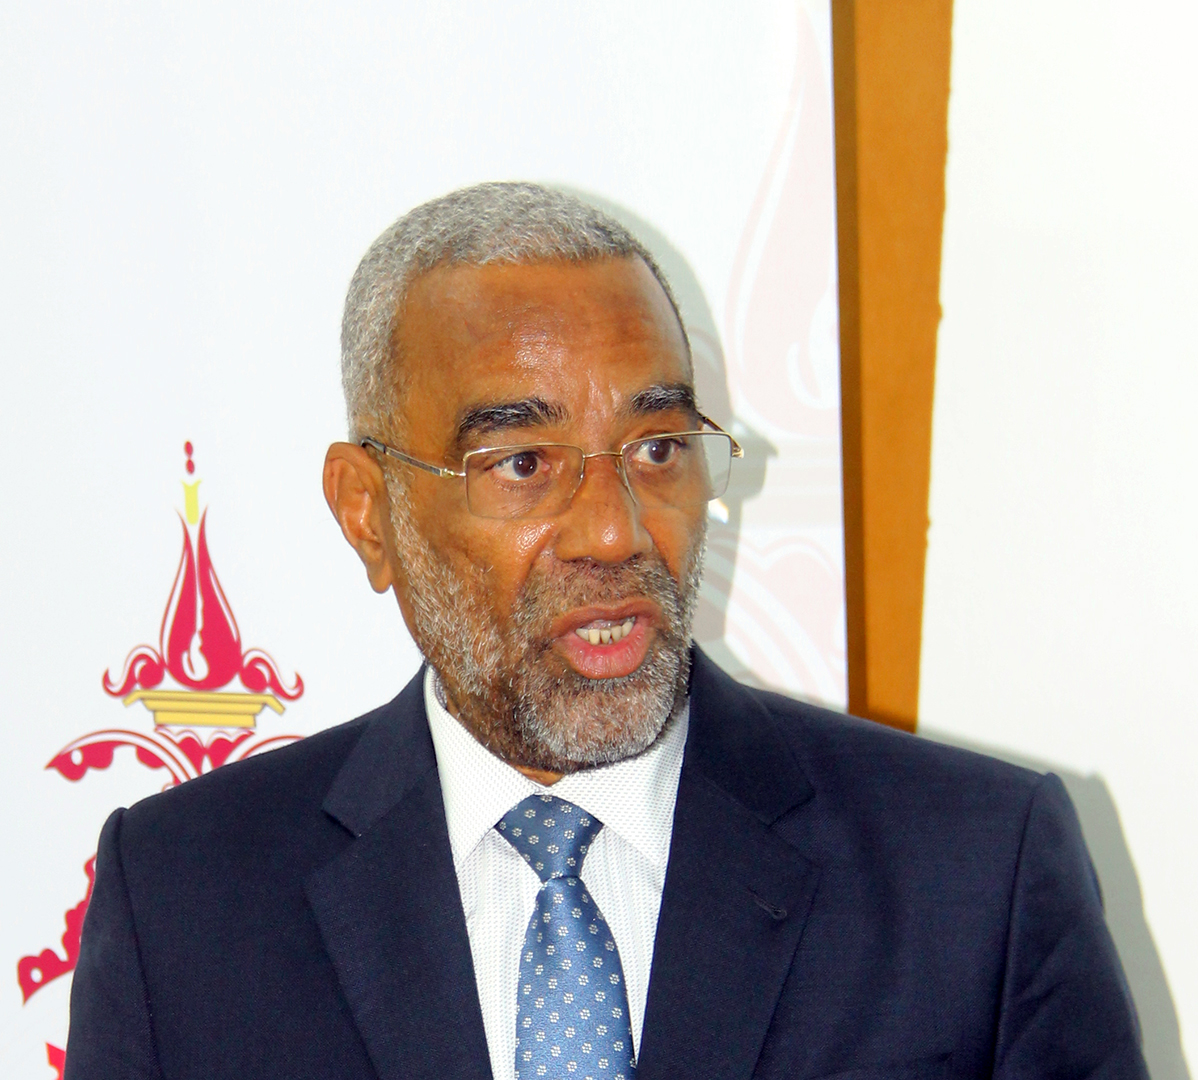 Jose Caldeira presidente da Associacao Nacional dos Juristas Mocambicanos